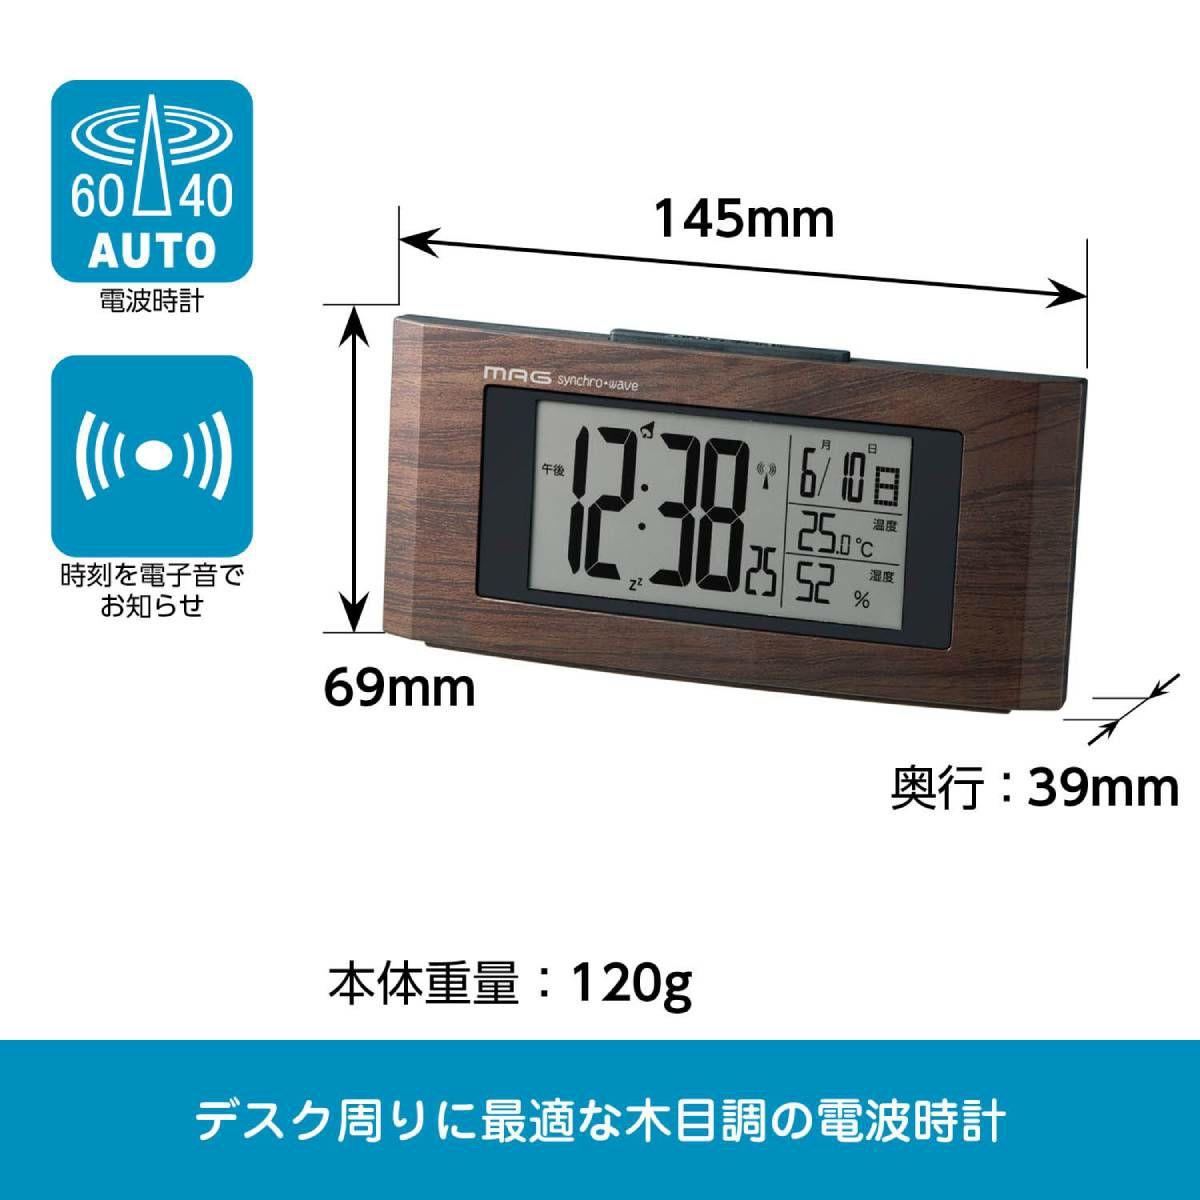 MAG(マグ) 電波置時計 ウッドライン T-743